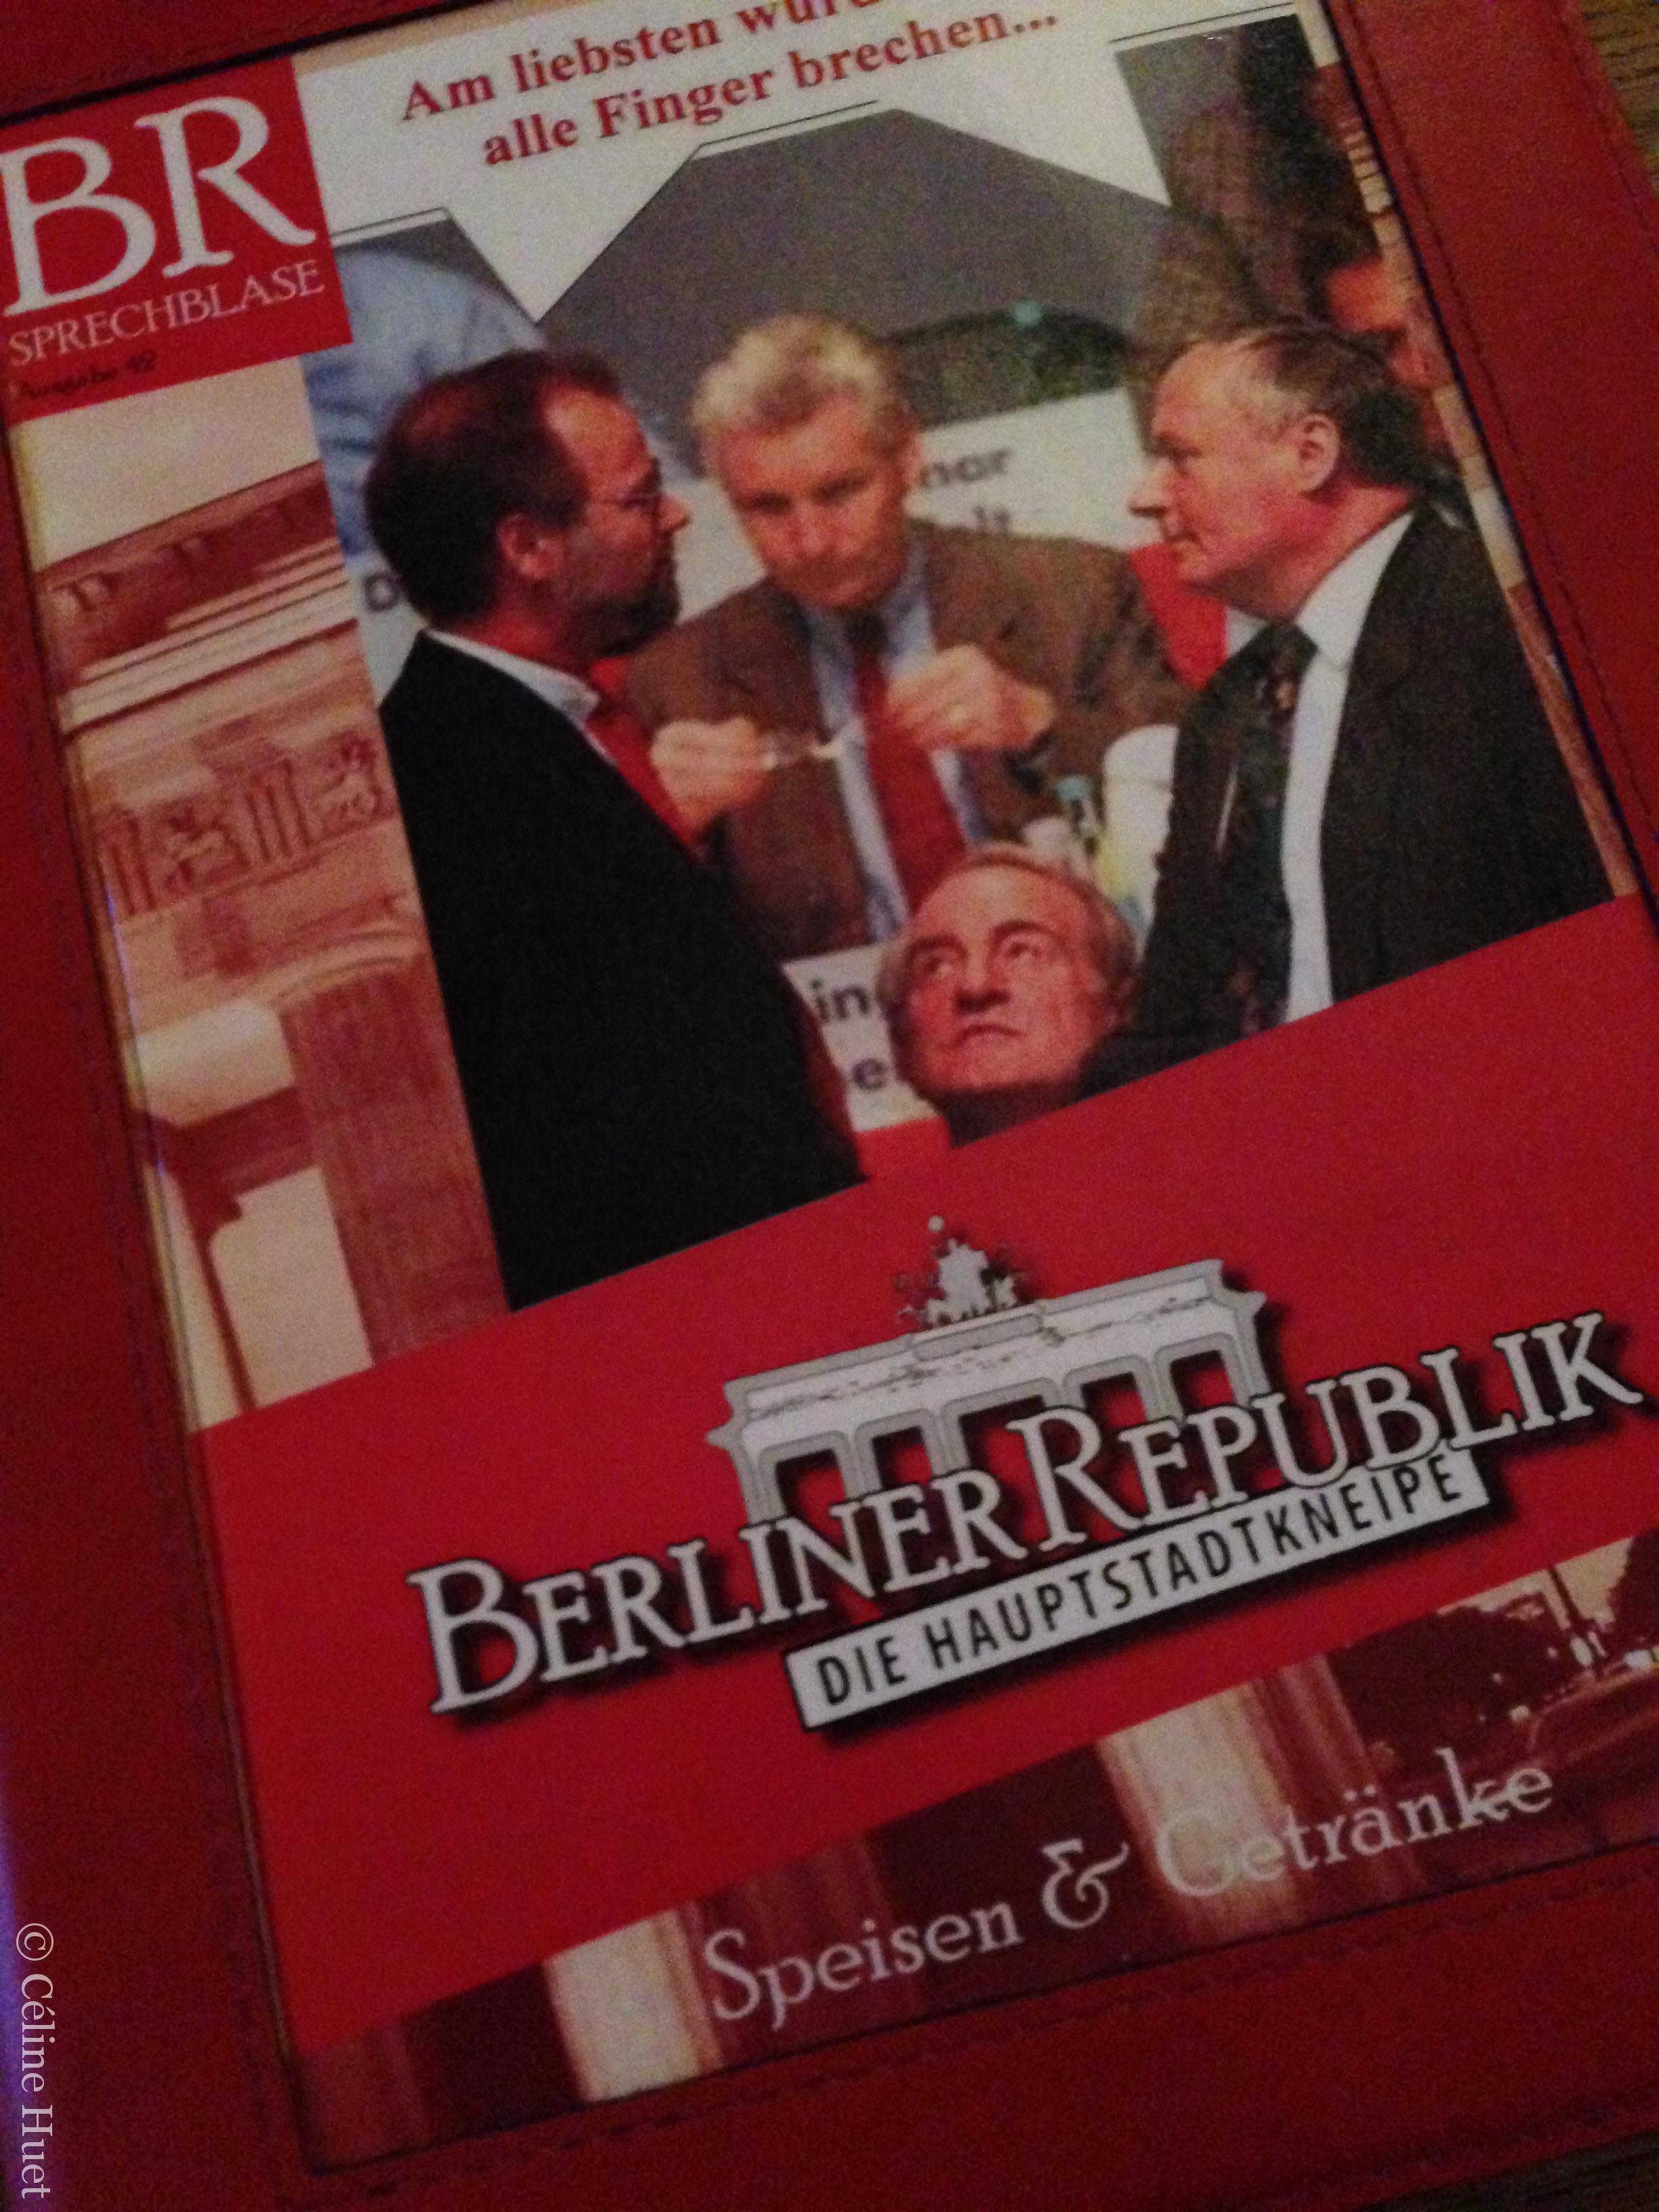 Berliner Republik Berlin Allemagne